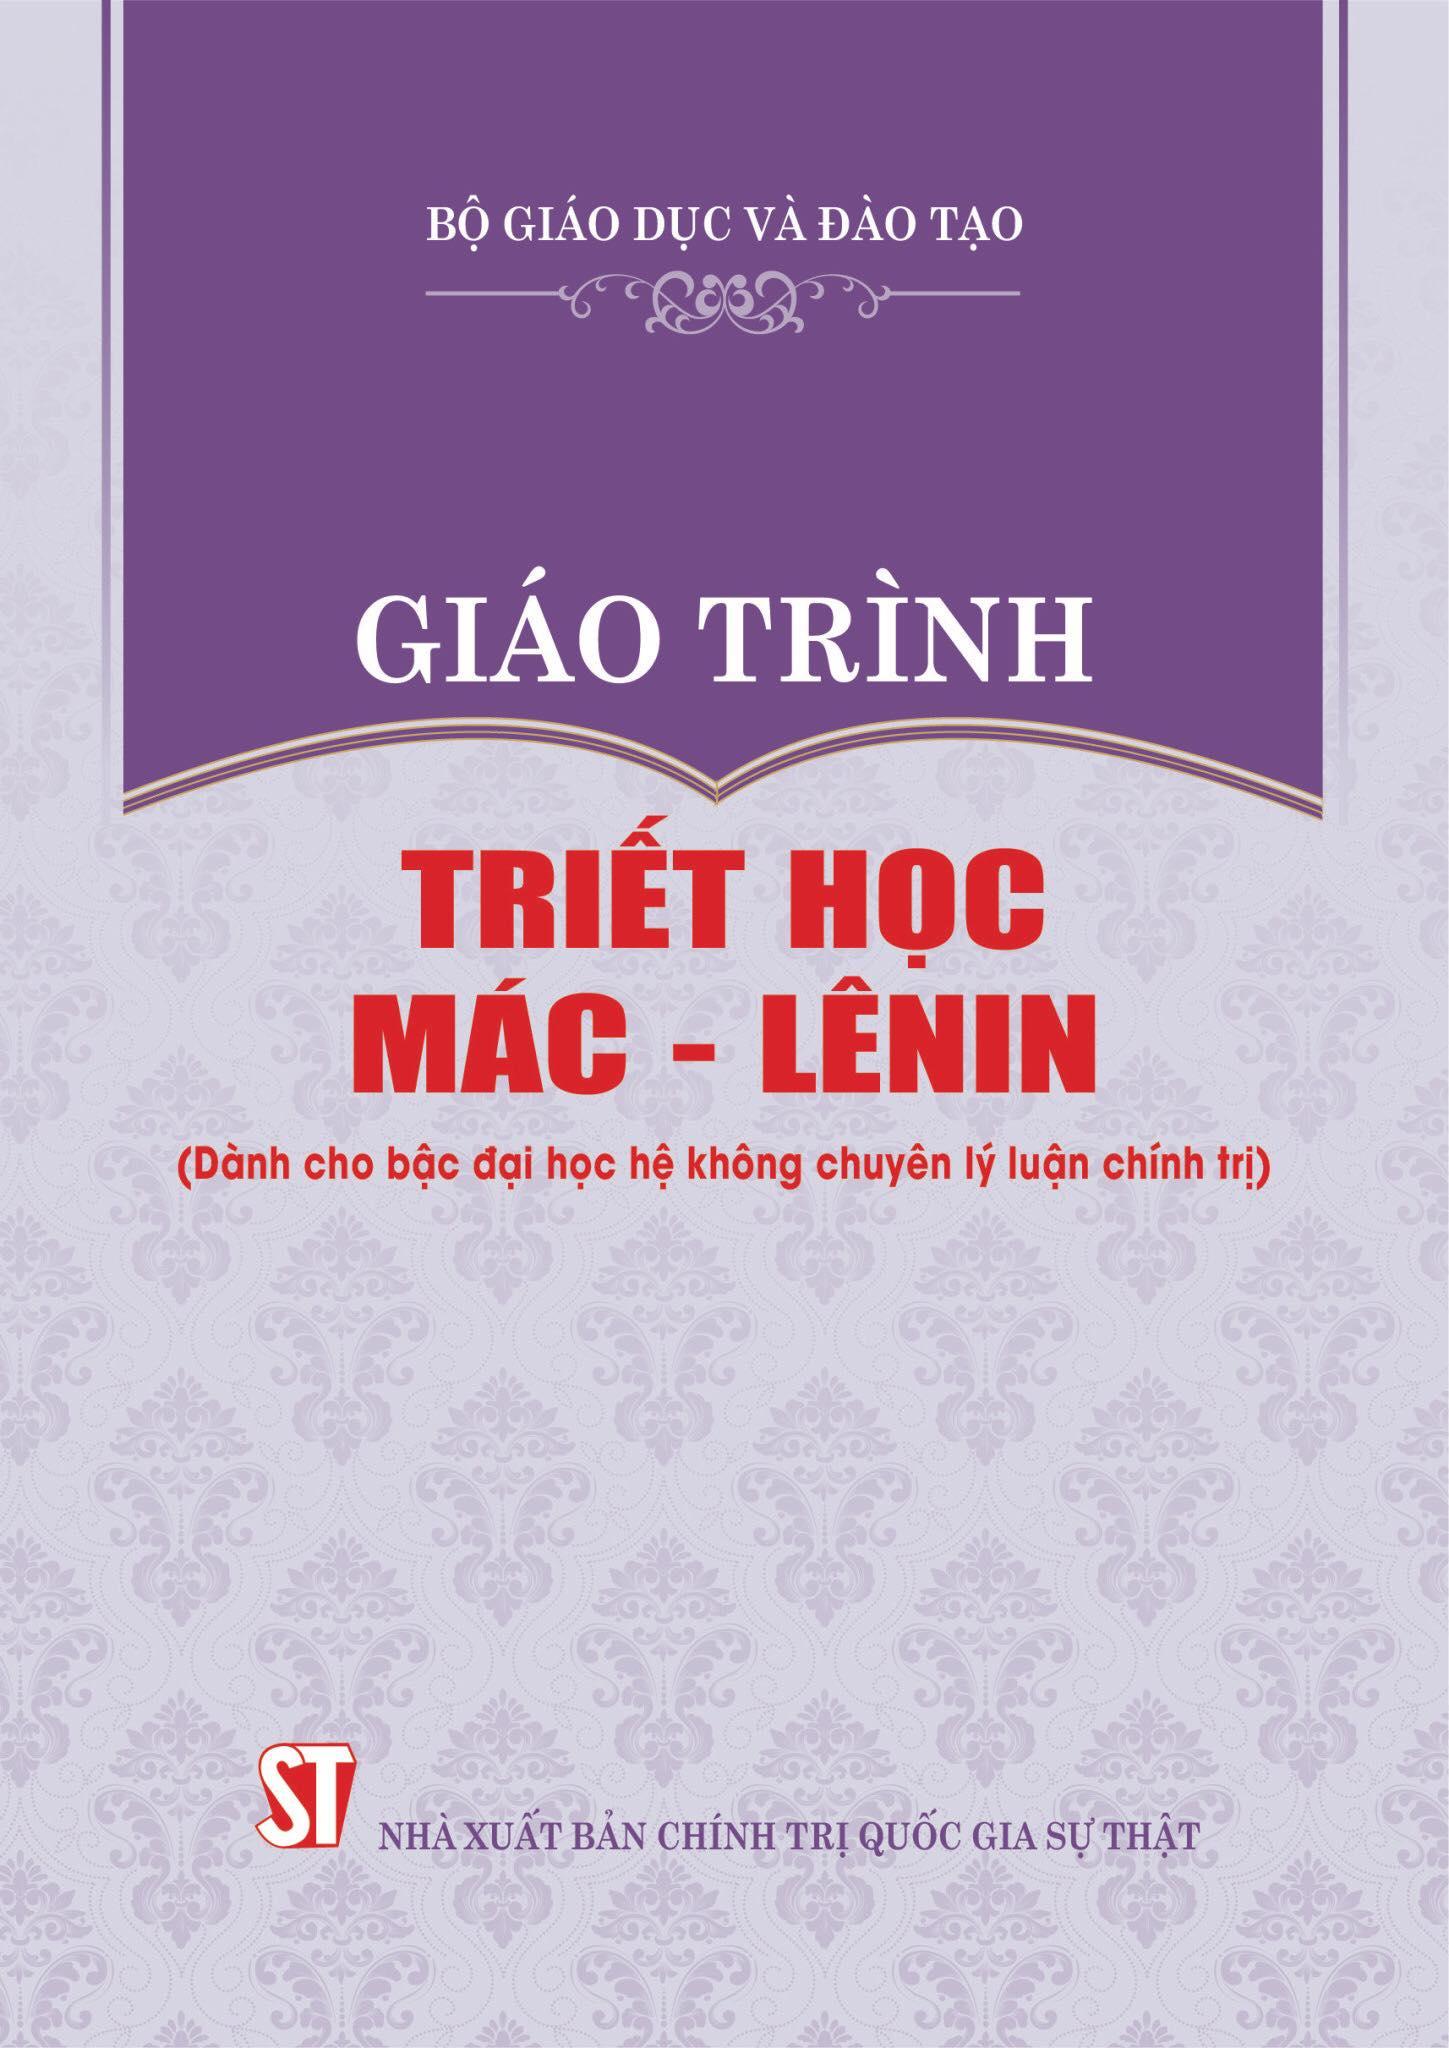 Giáo trình Triết học Mác - Lênin (Dành cho bậc đại học hệ không chuyên lý luận chính trị)